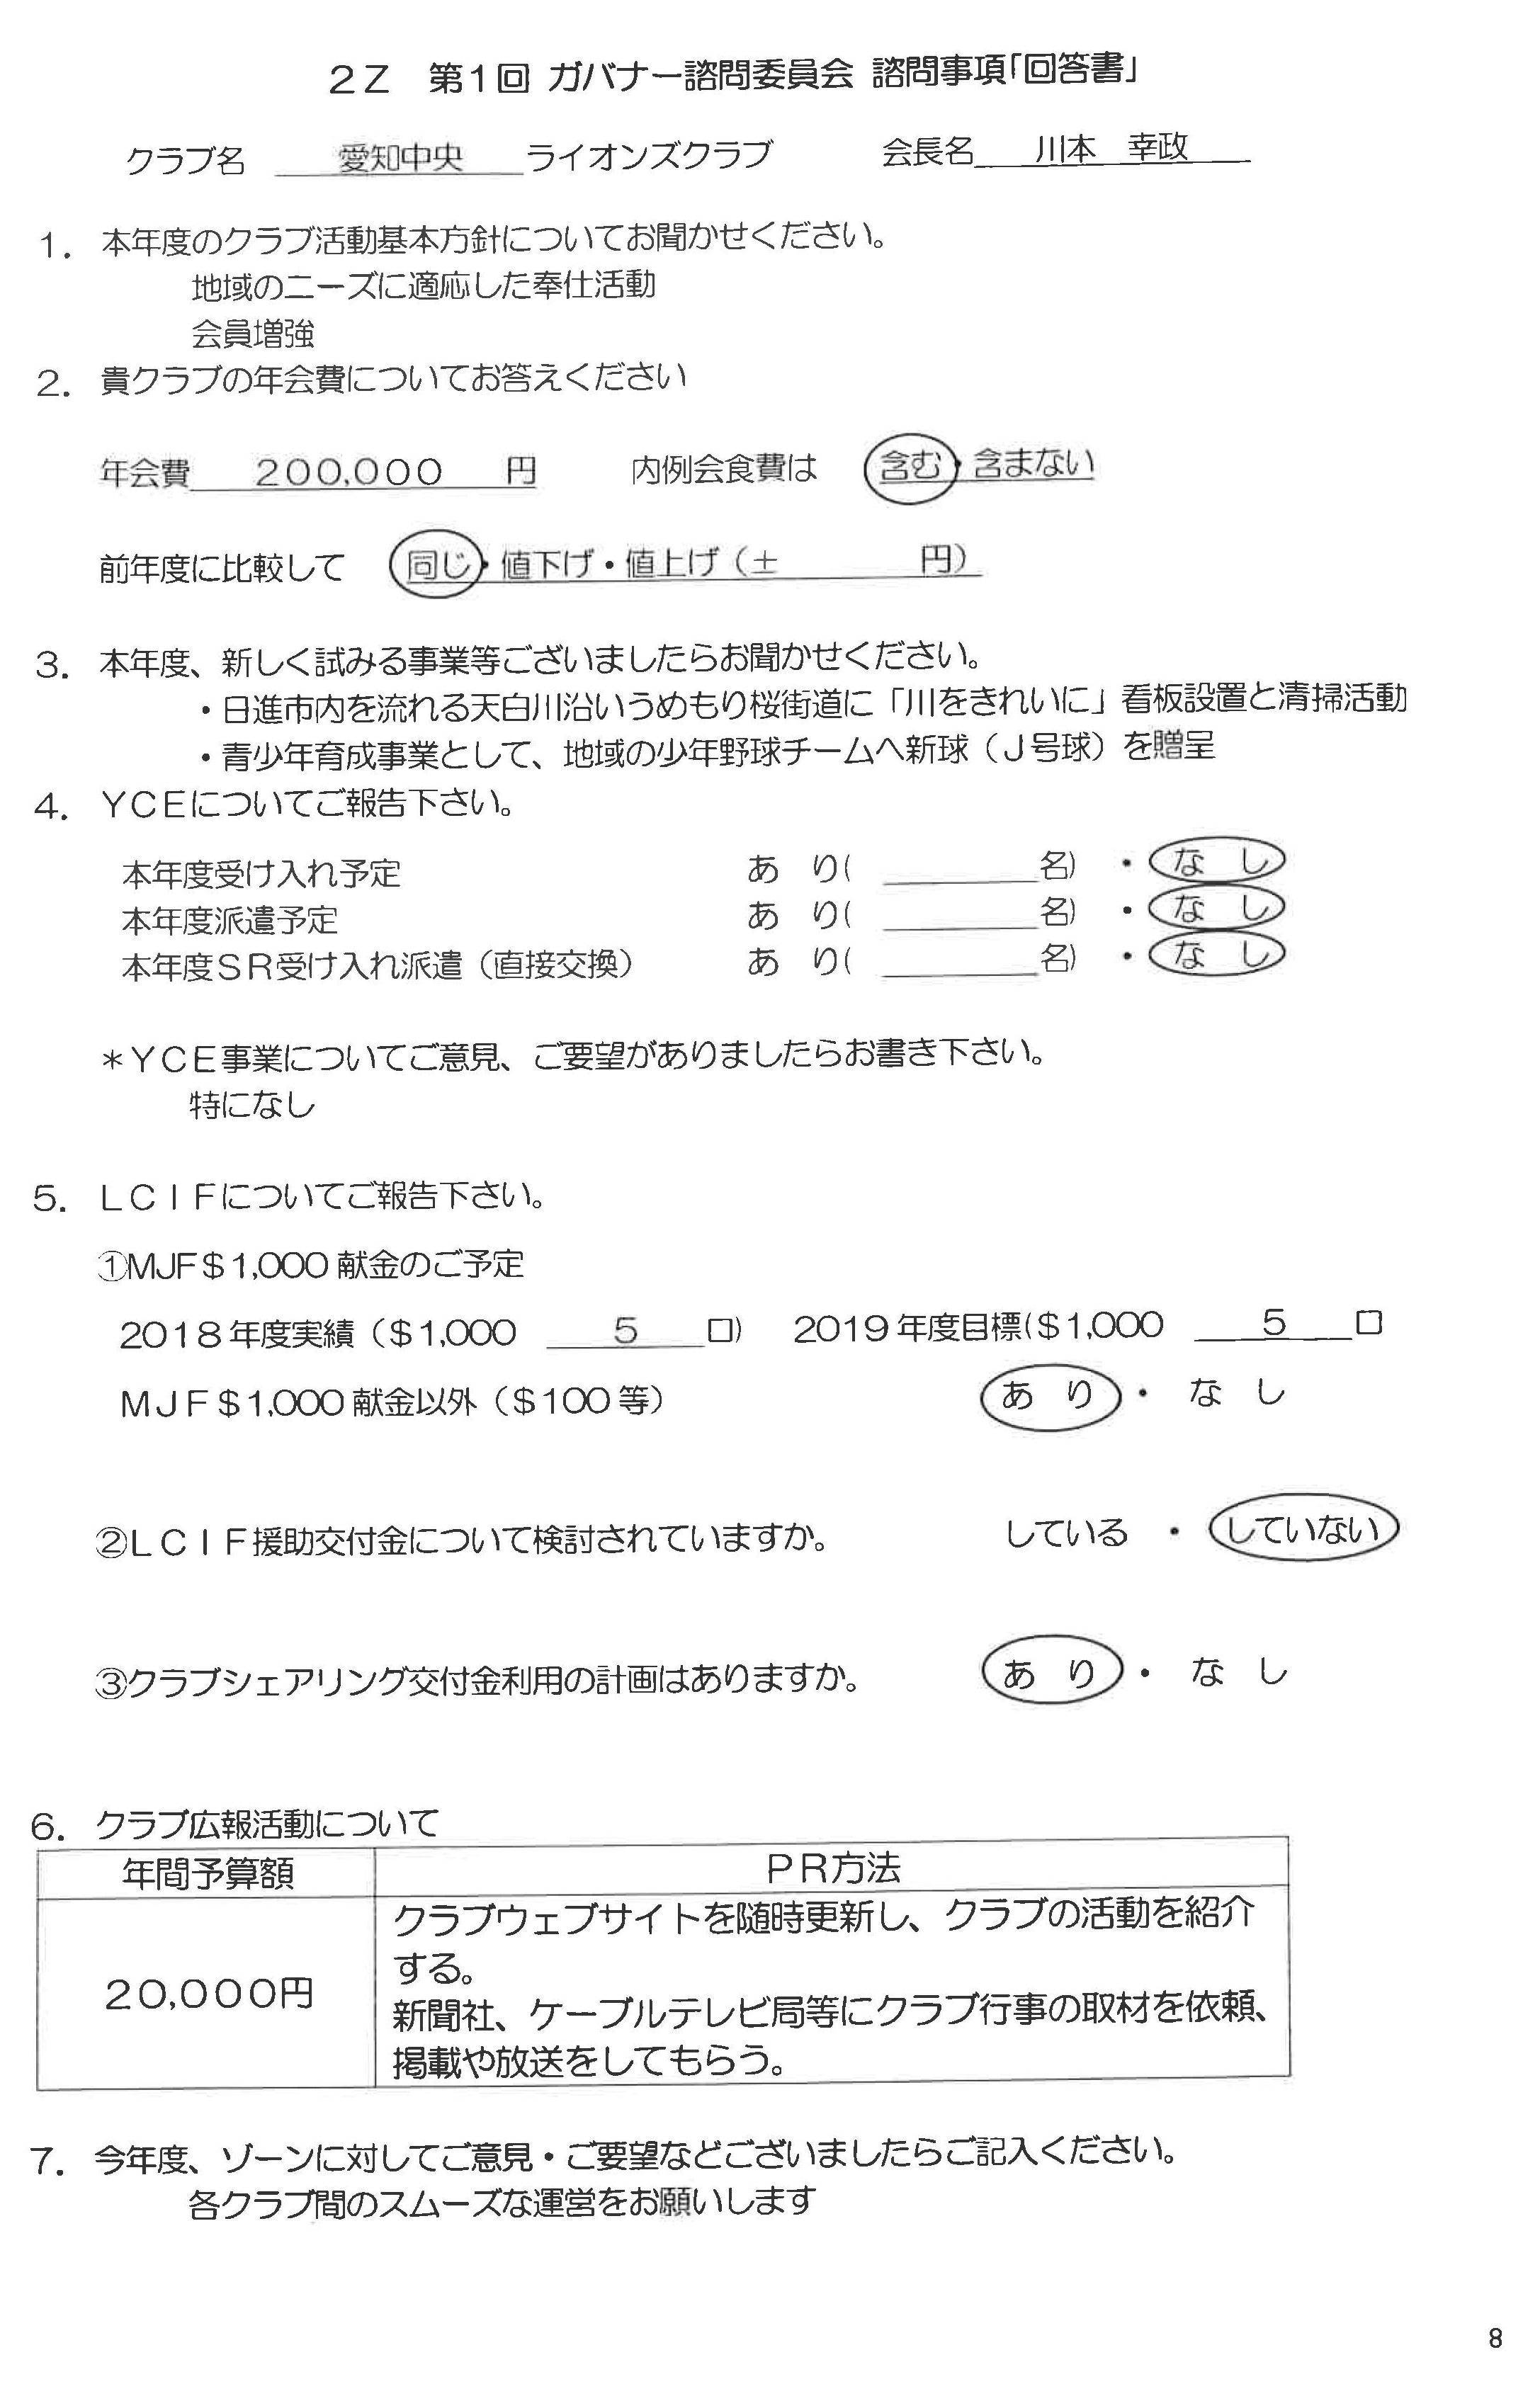 10第1回G諮問委員会Z会議 愛知中央LC諮問事項(回答書)1